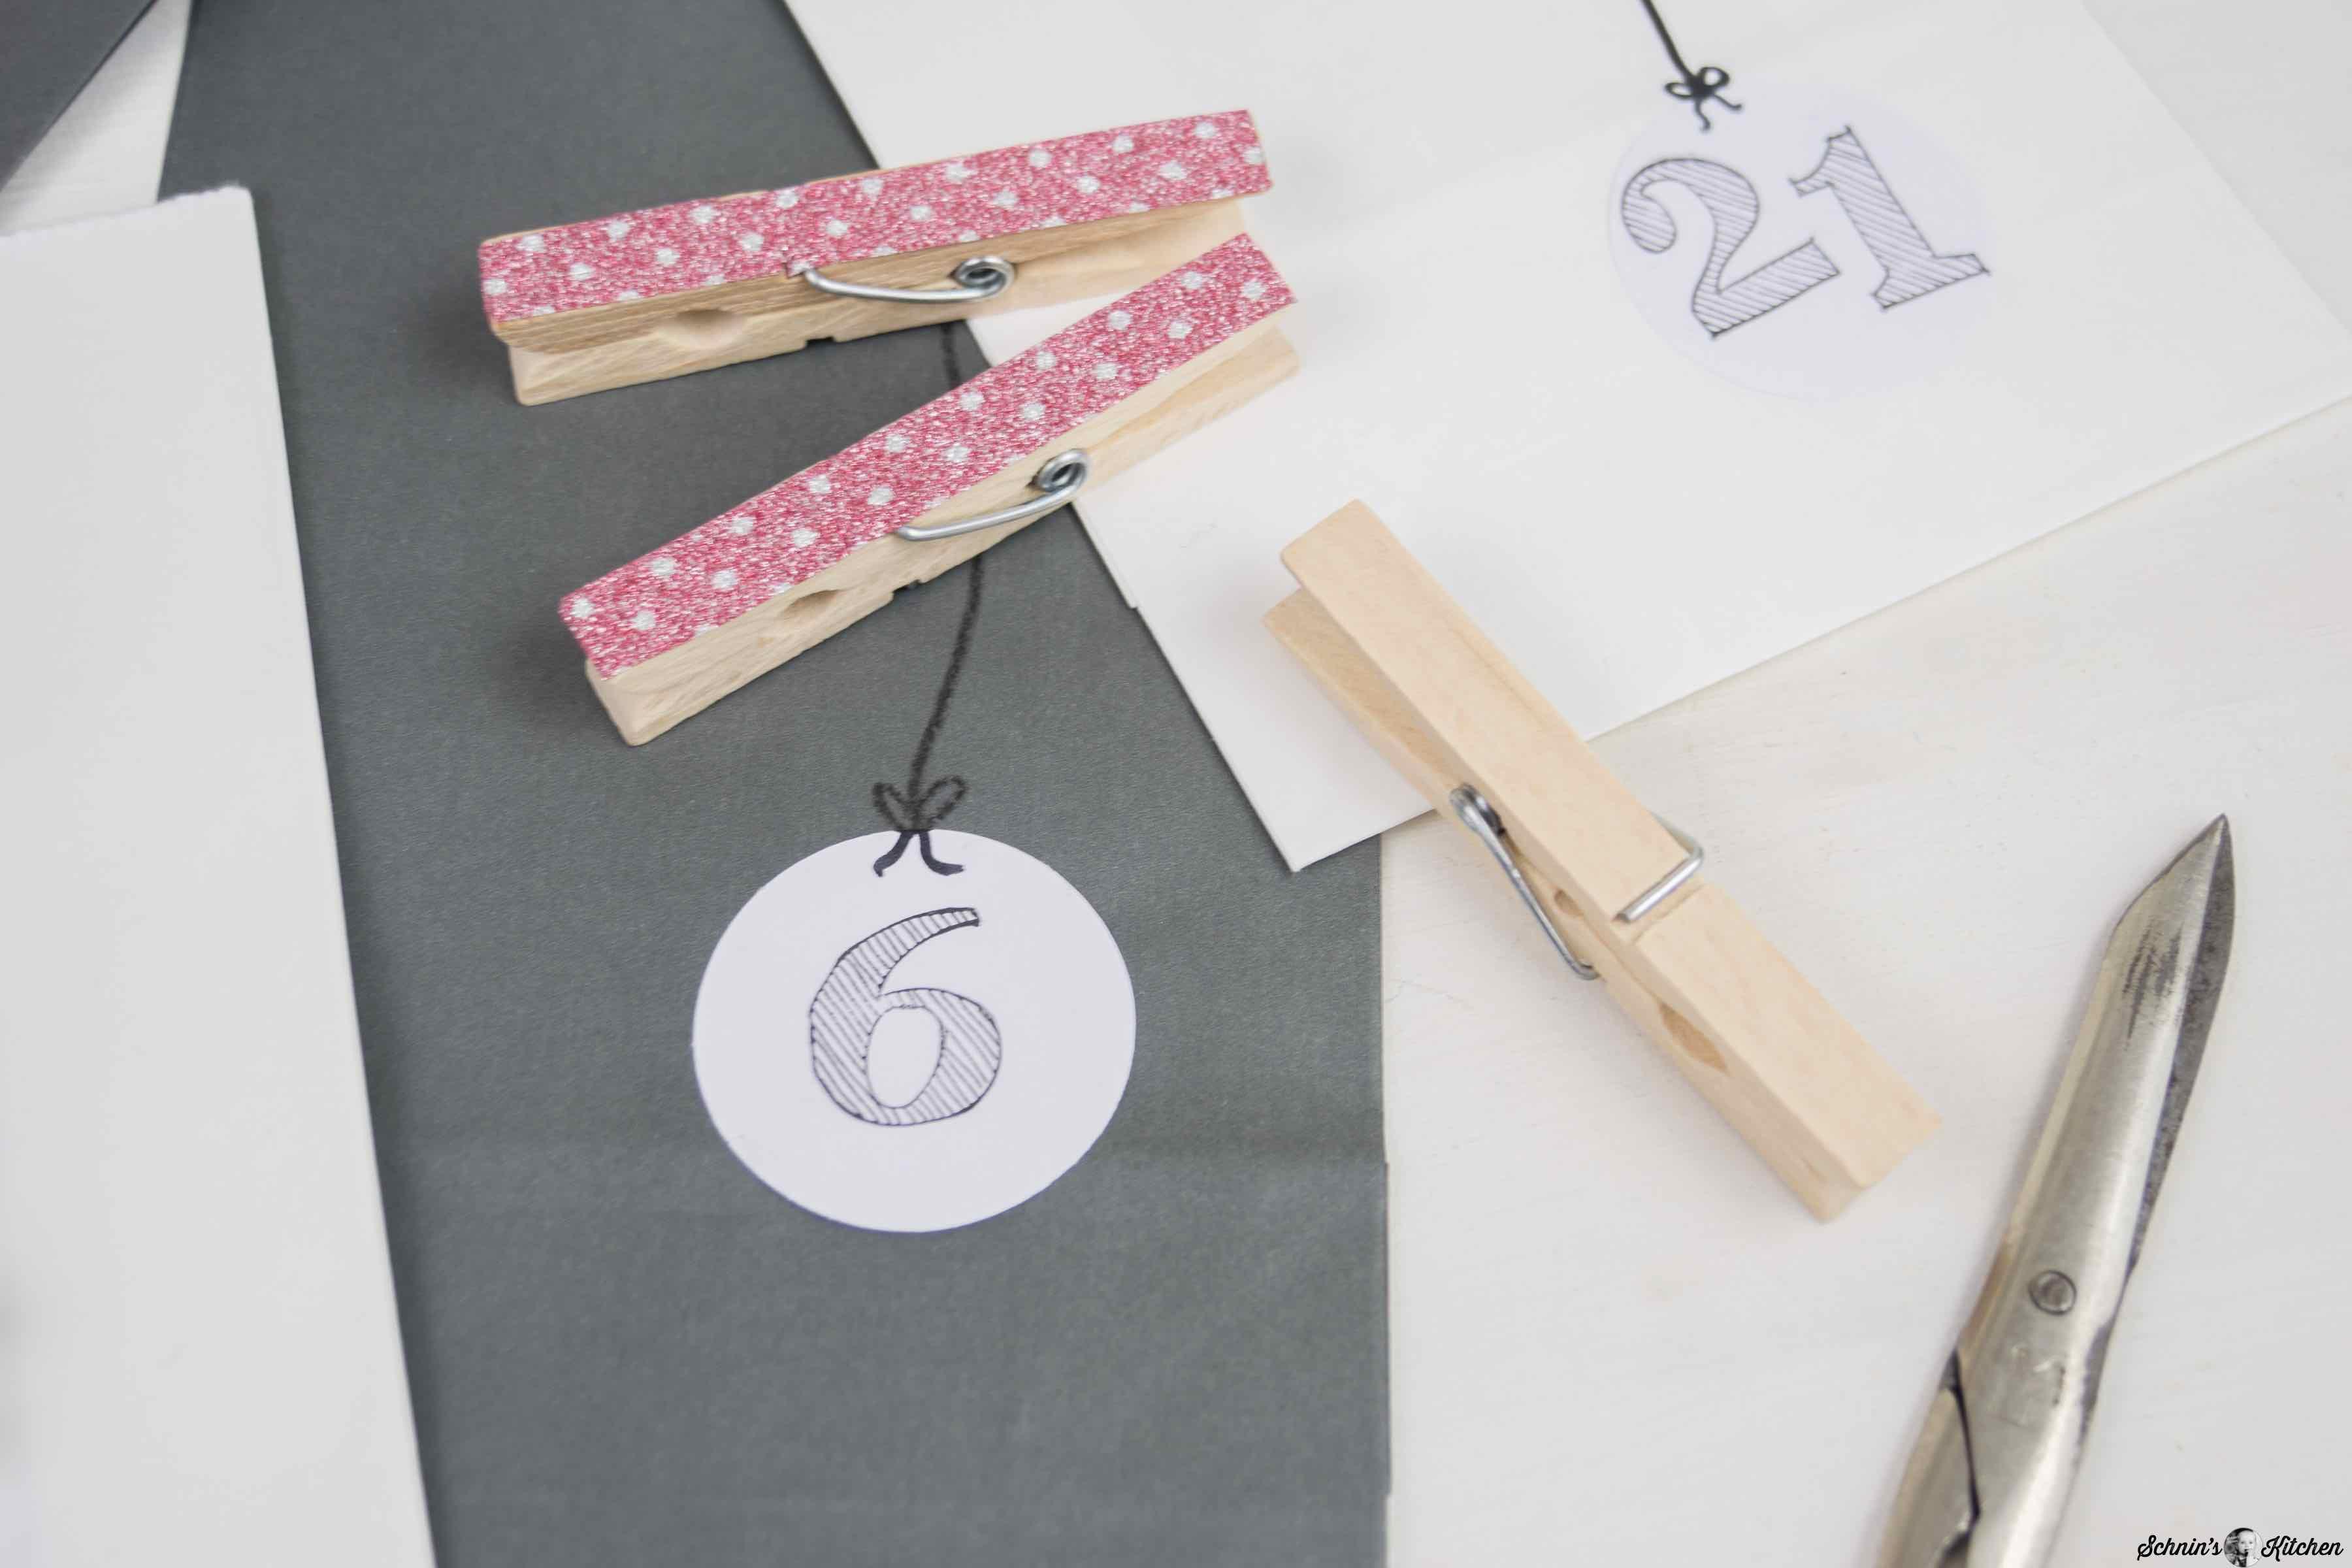 Relativ Adventskalender basteln mit Papiertüten - Schnin's Kitchen QU25